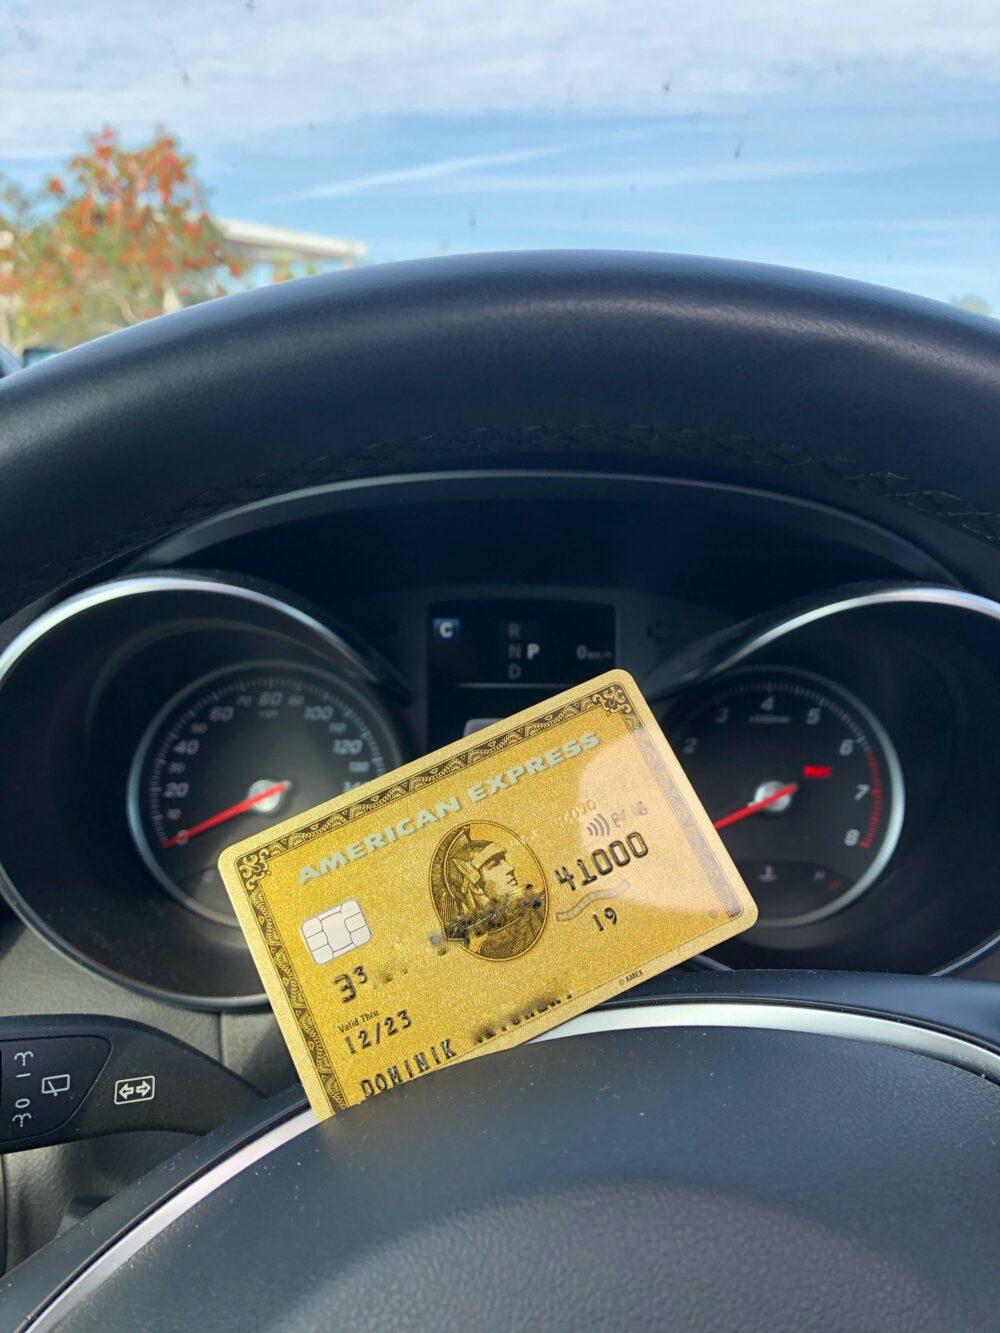 1.000.000 Punkte mit der Amex Gold Kreditkarte gewinnen